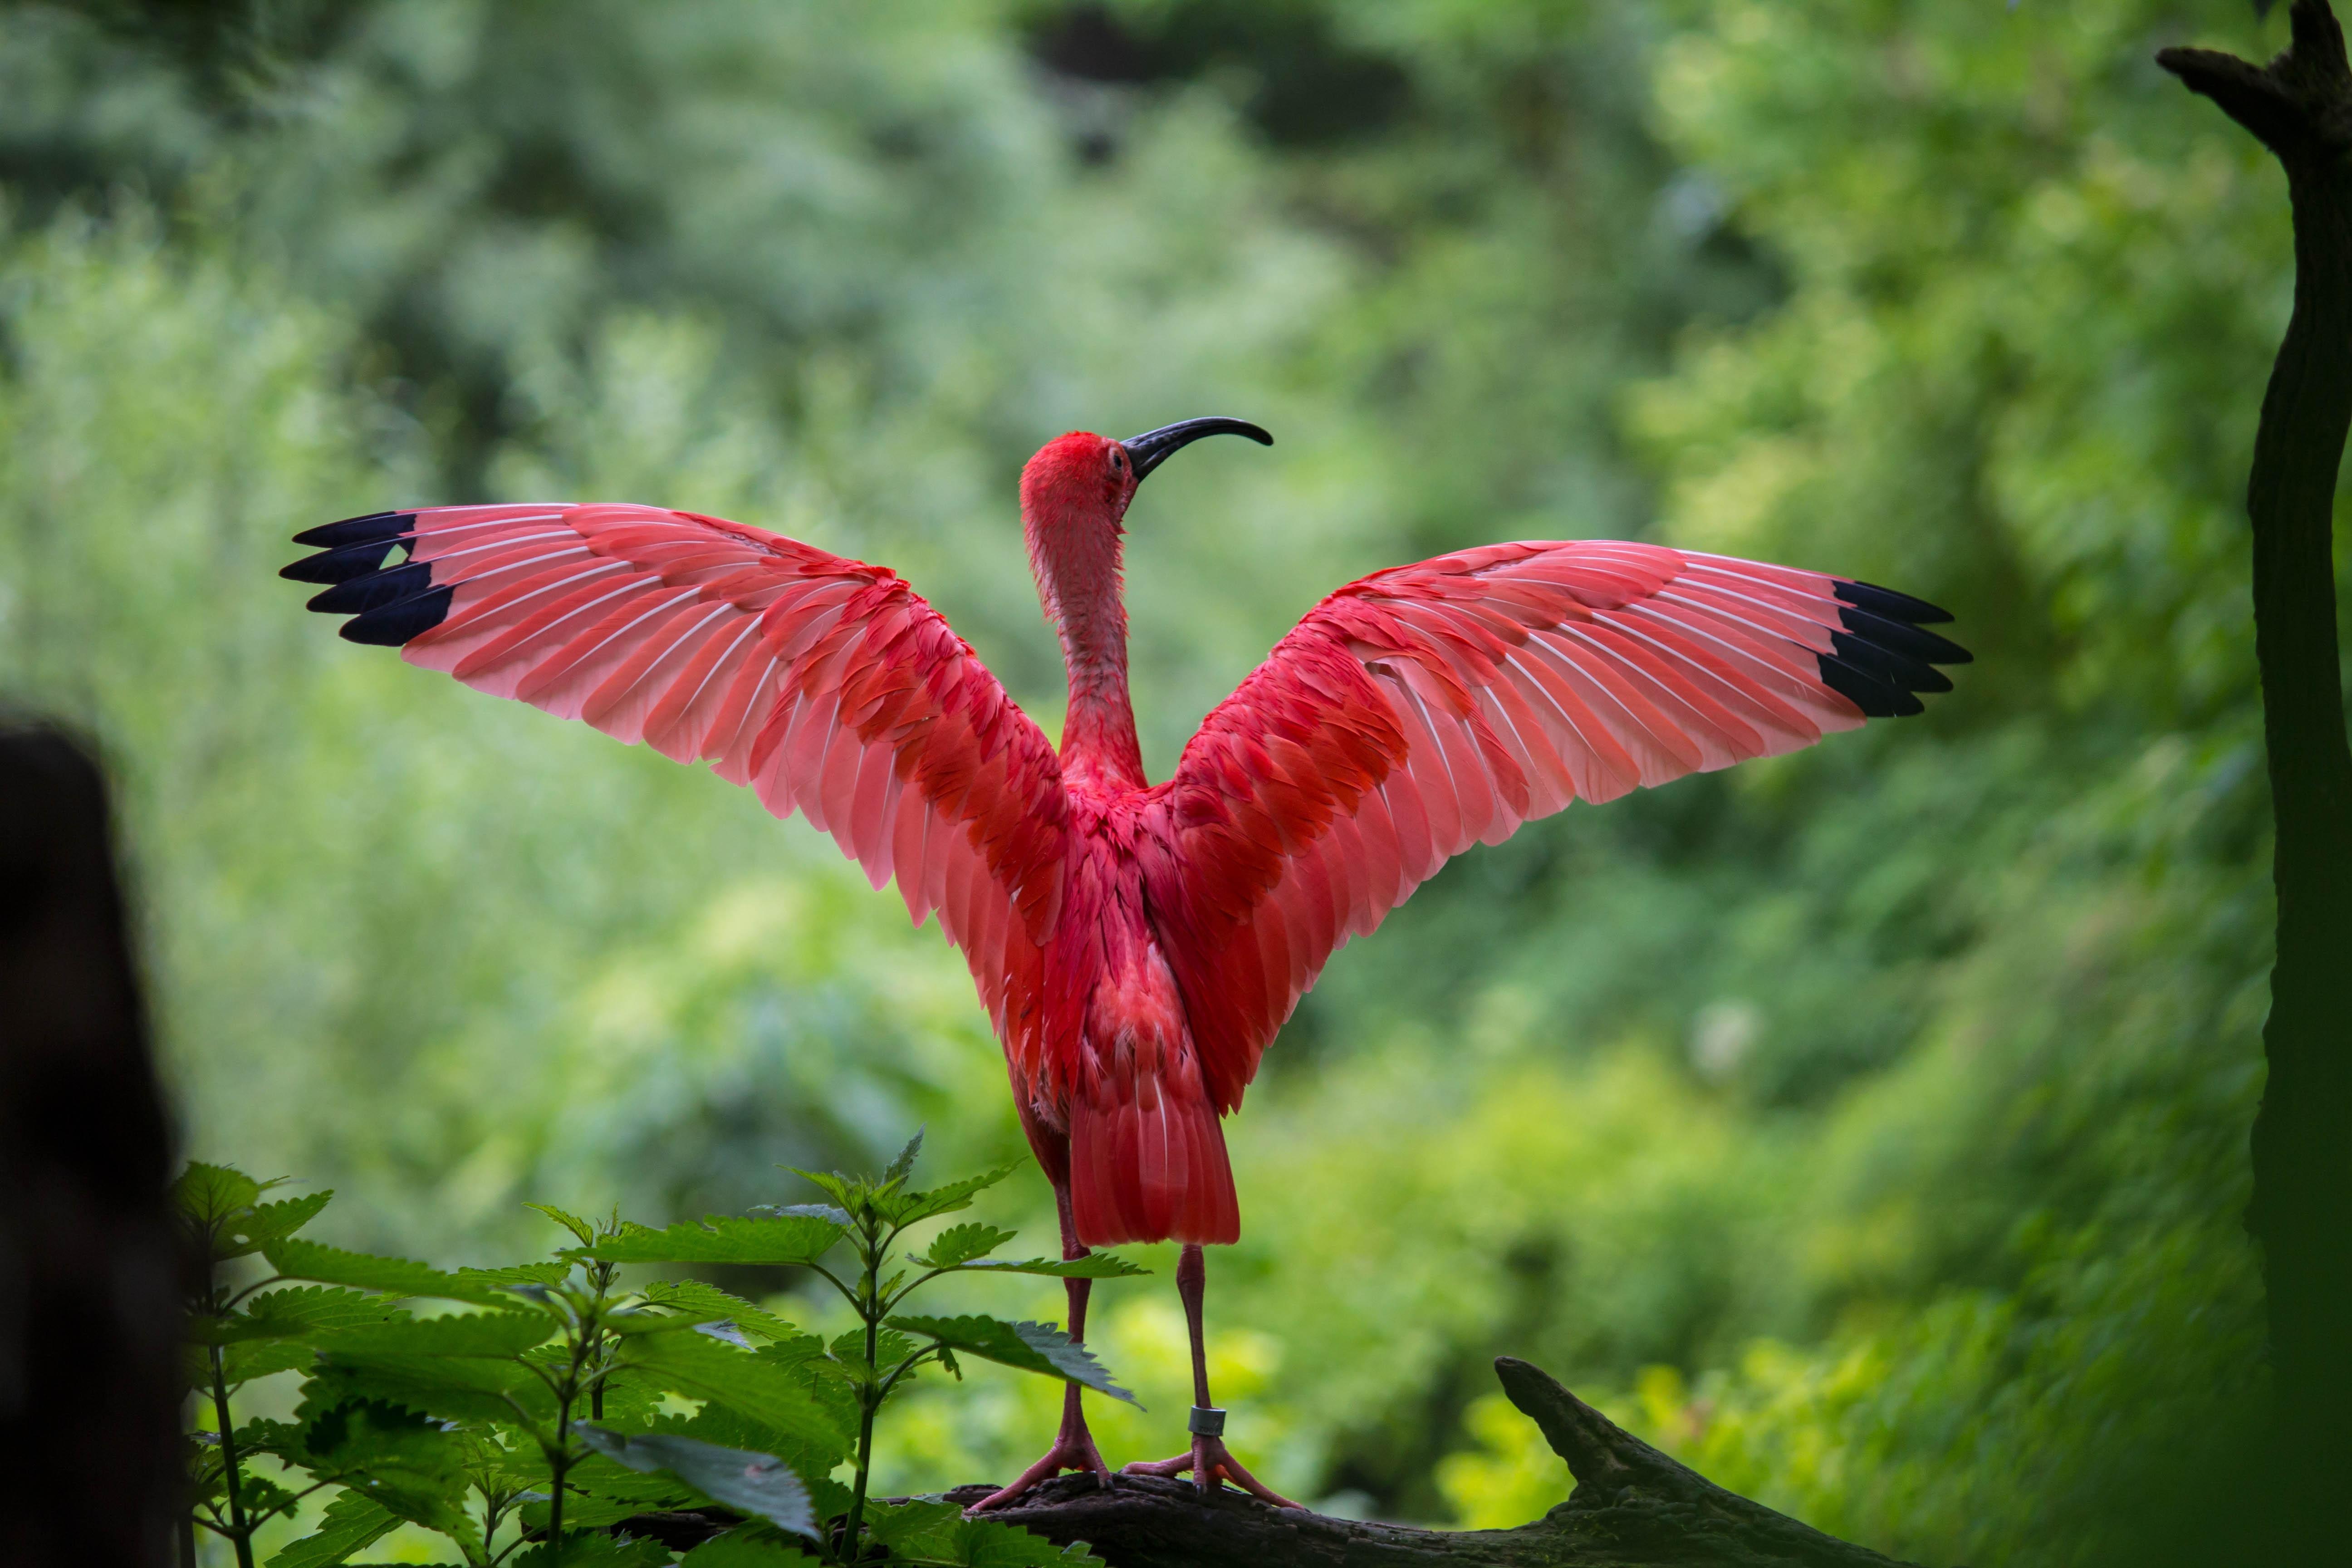 bird wings spread - HD5184×3456